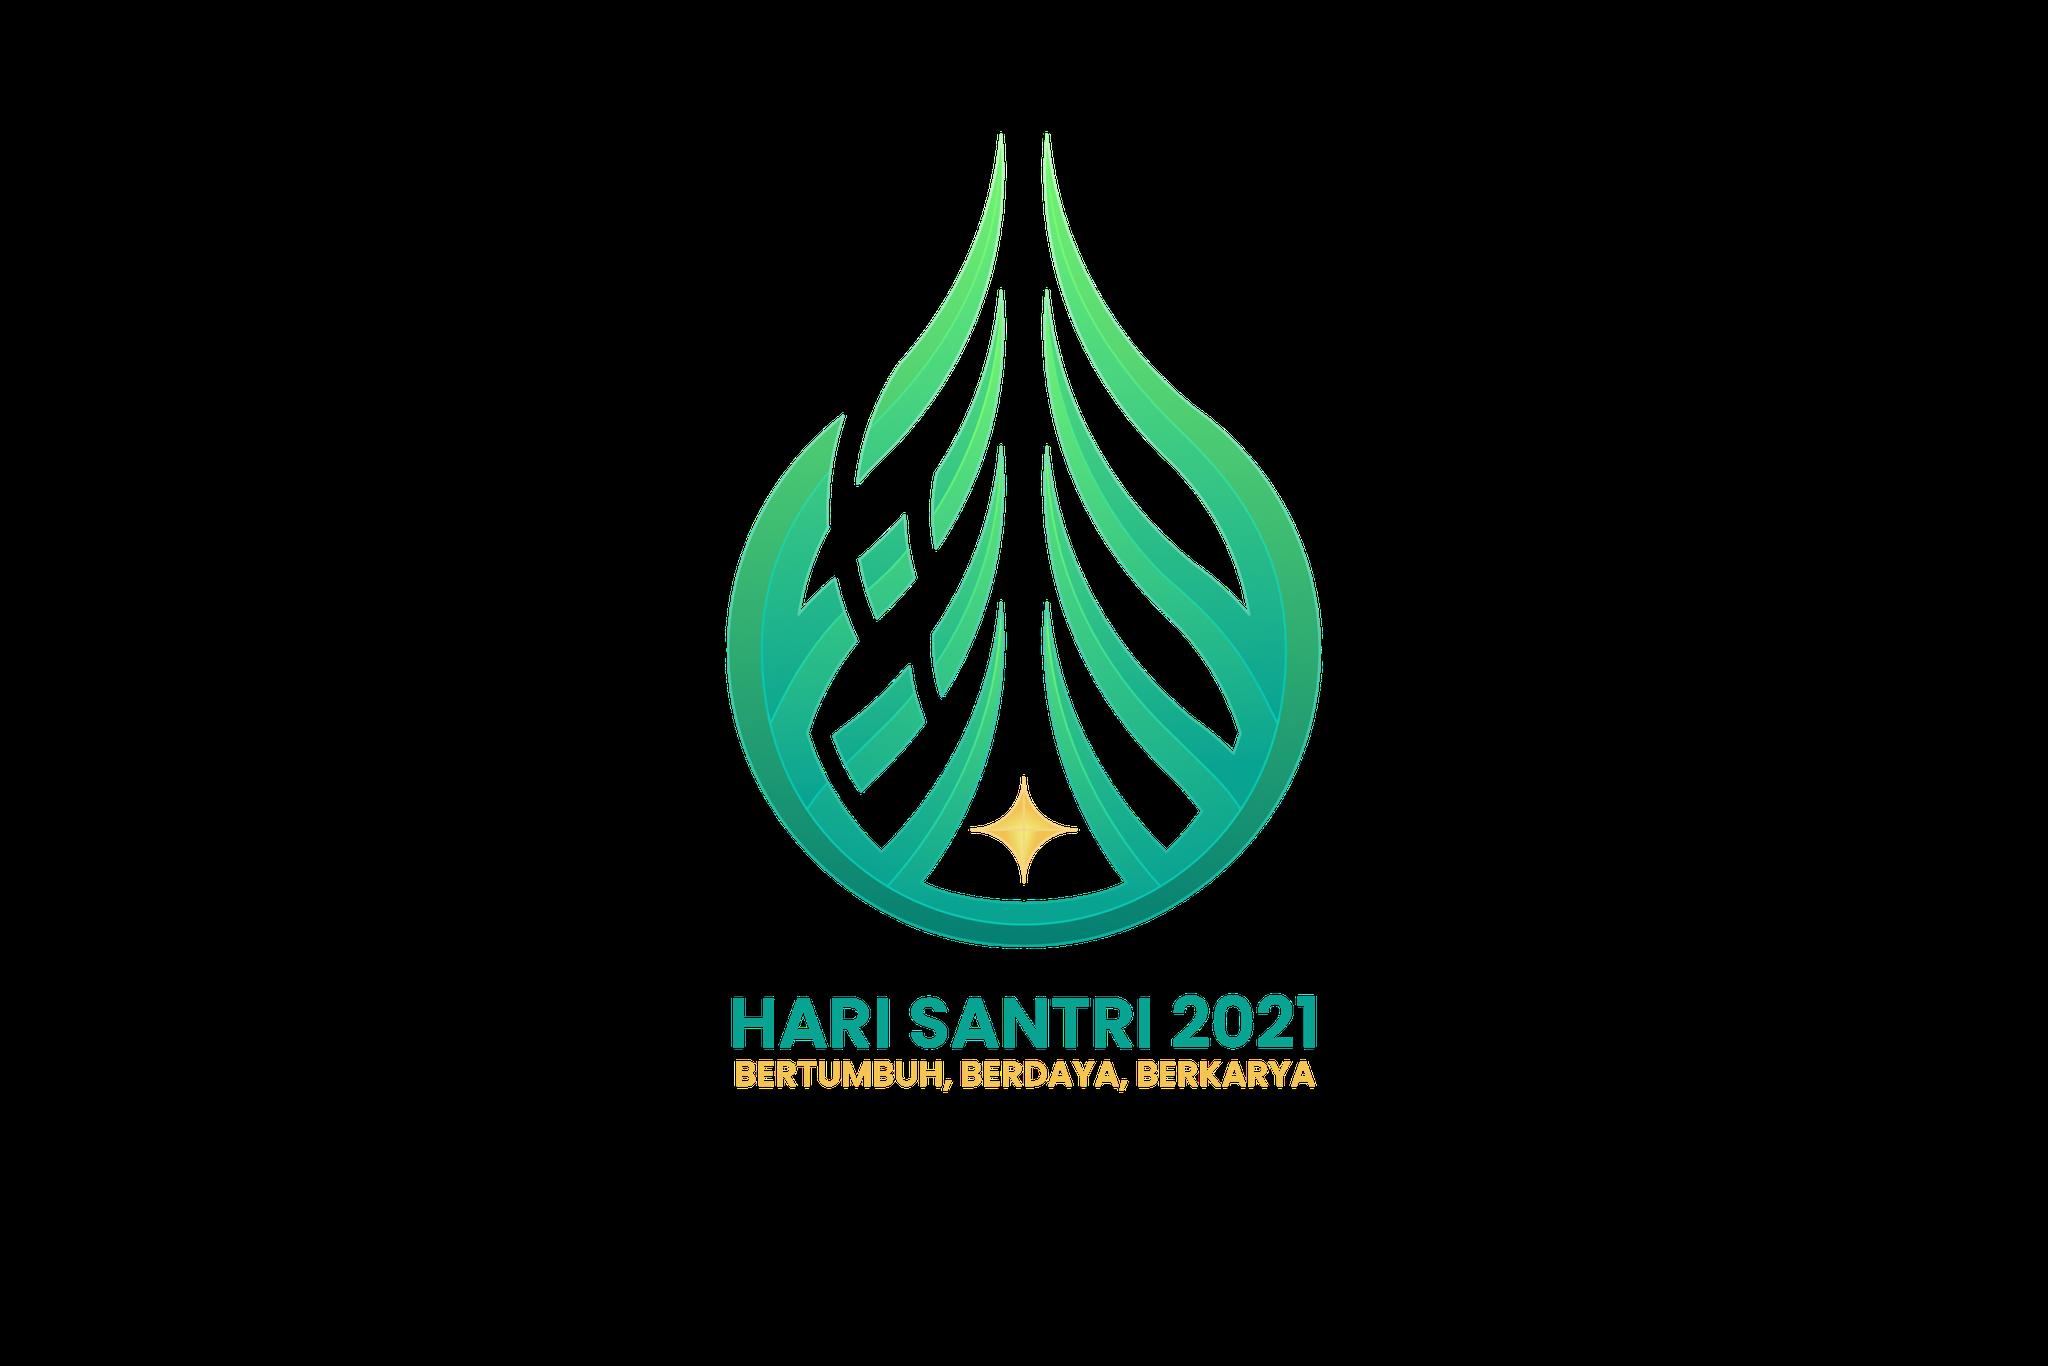 Logo Hari Santri PNG